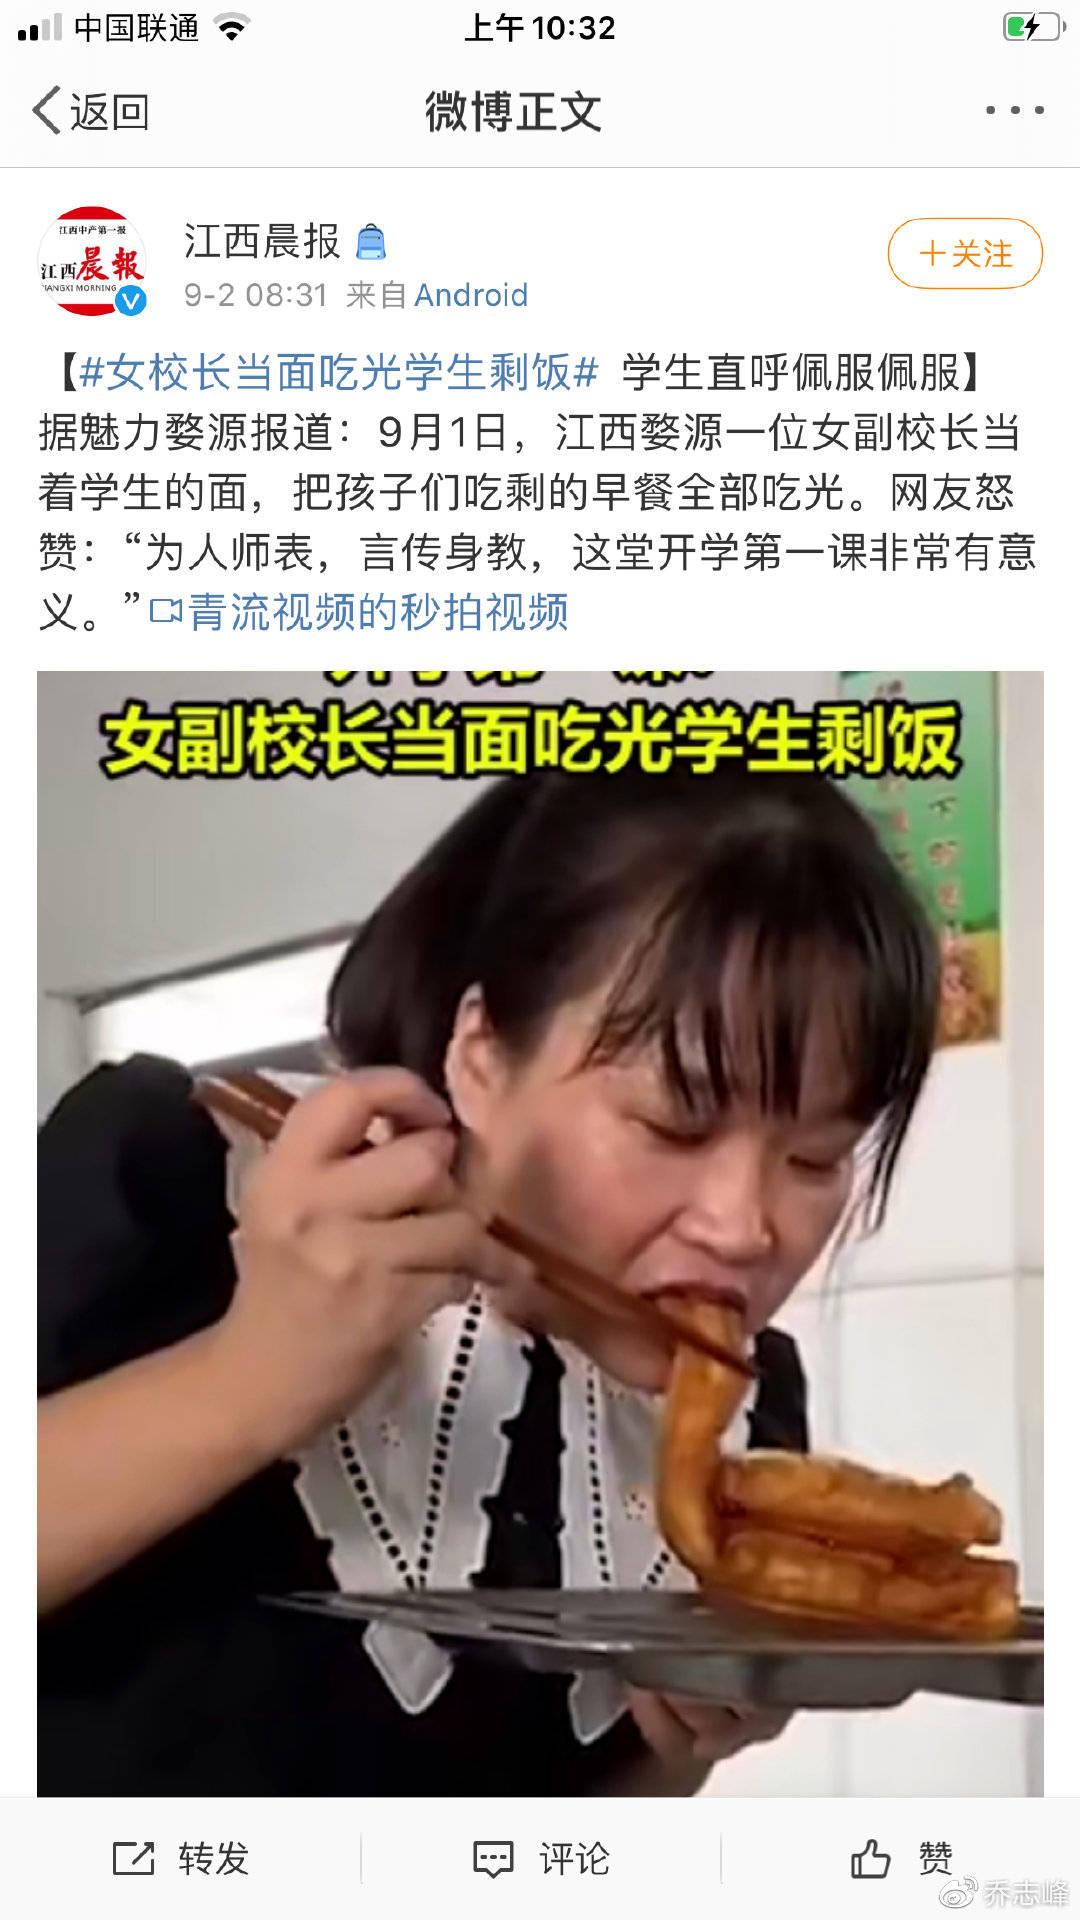 """丐帮召开秘密会议,紧急商讨应对""""剩饭危机""""!"""